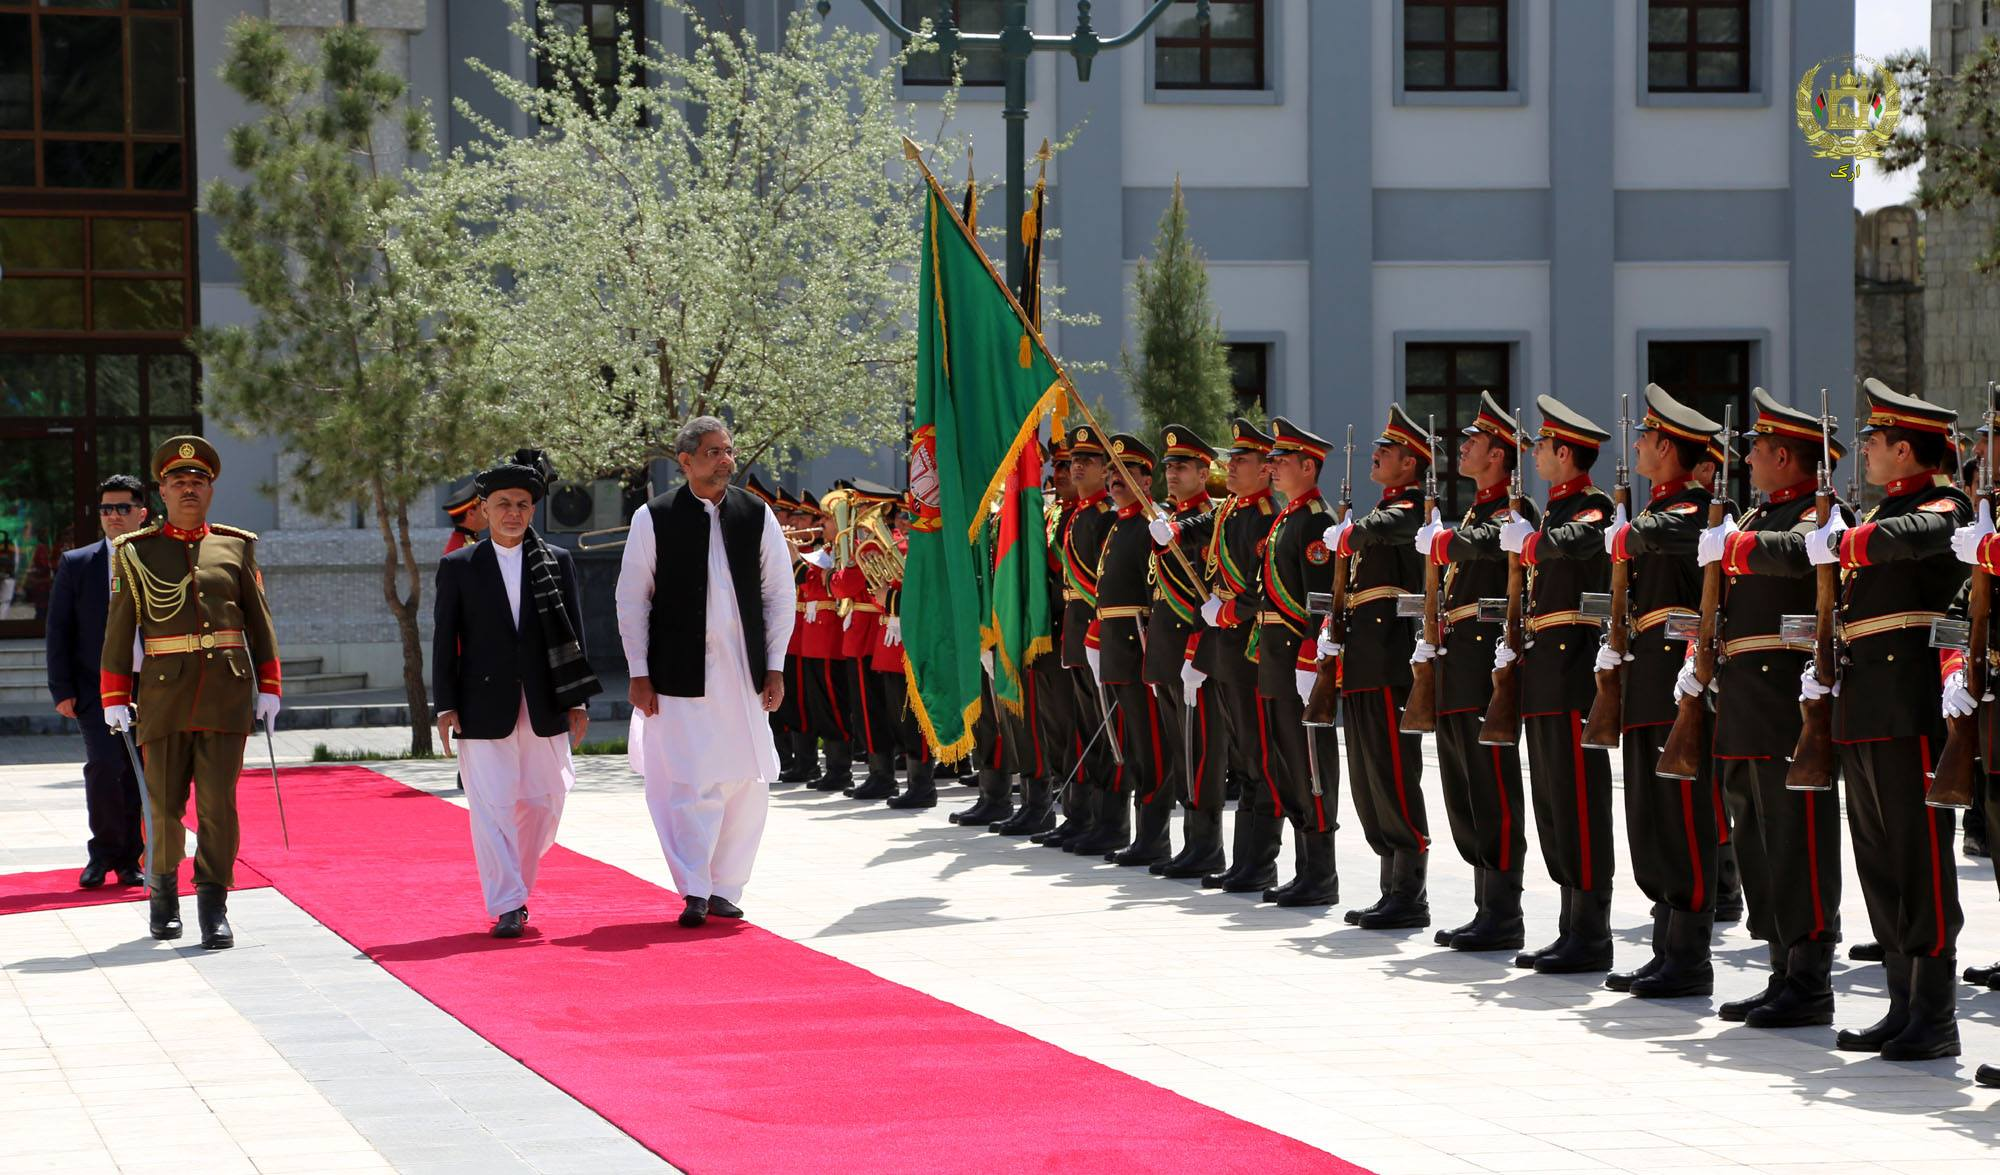 له کابل څخه د عباسي لیدنه د پاکستان - افغانستان په اړیکو کې نوی ګام ښیي